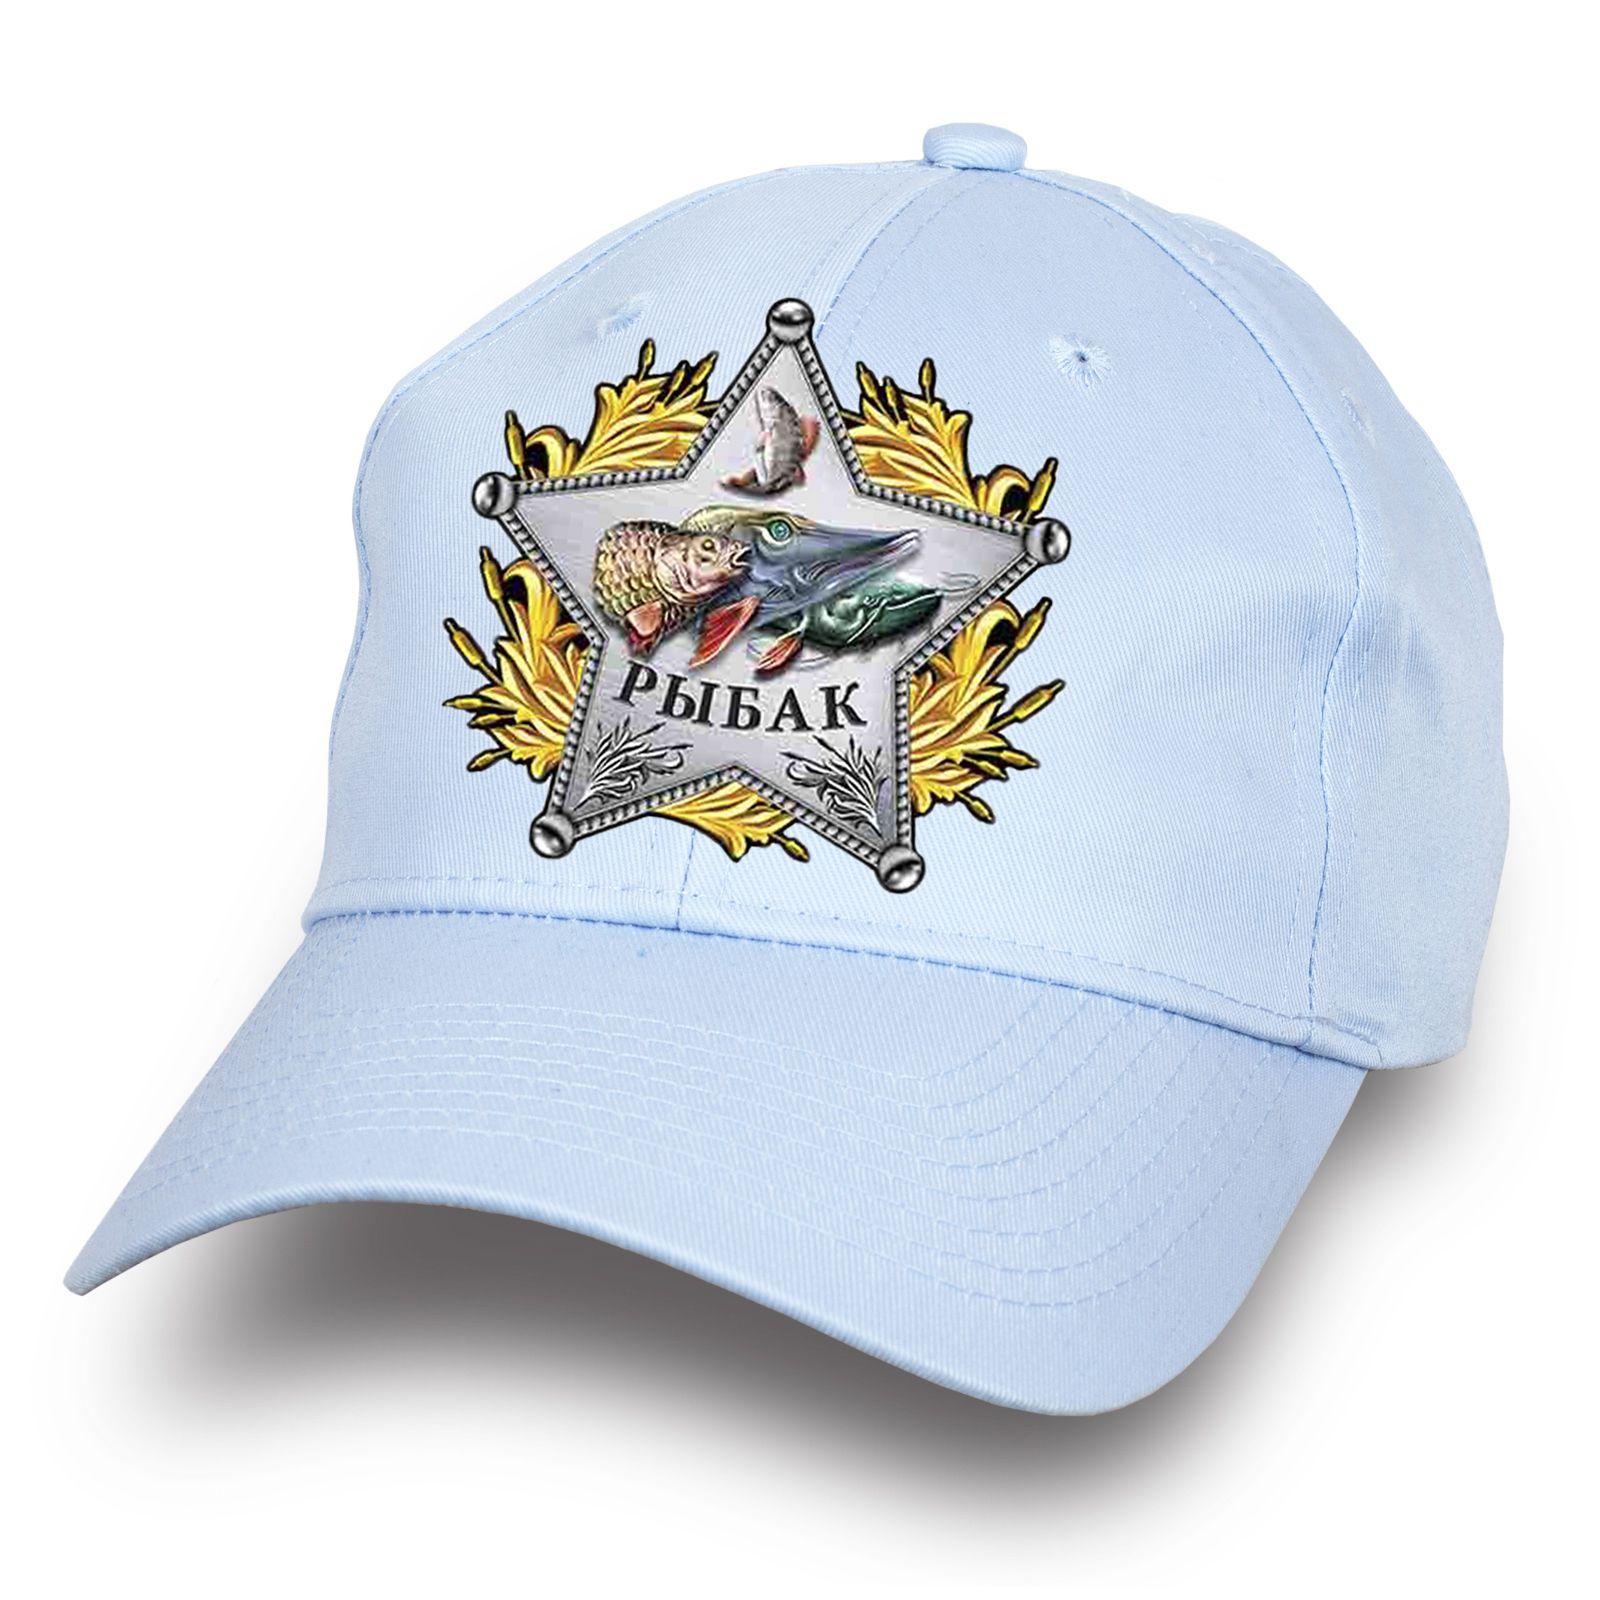 Белая бейсболка рыбака - купить по лучшей цене